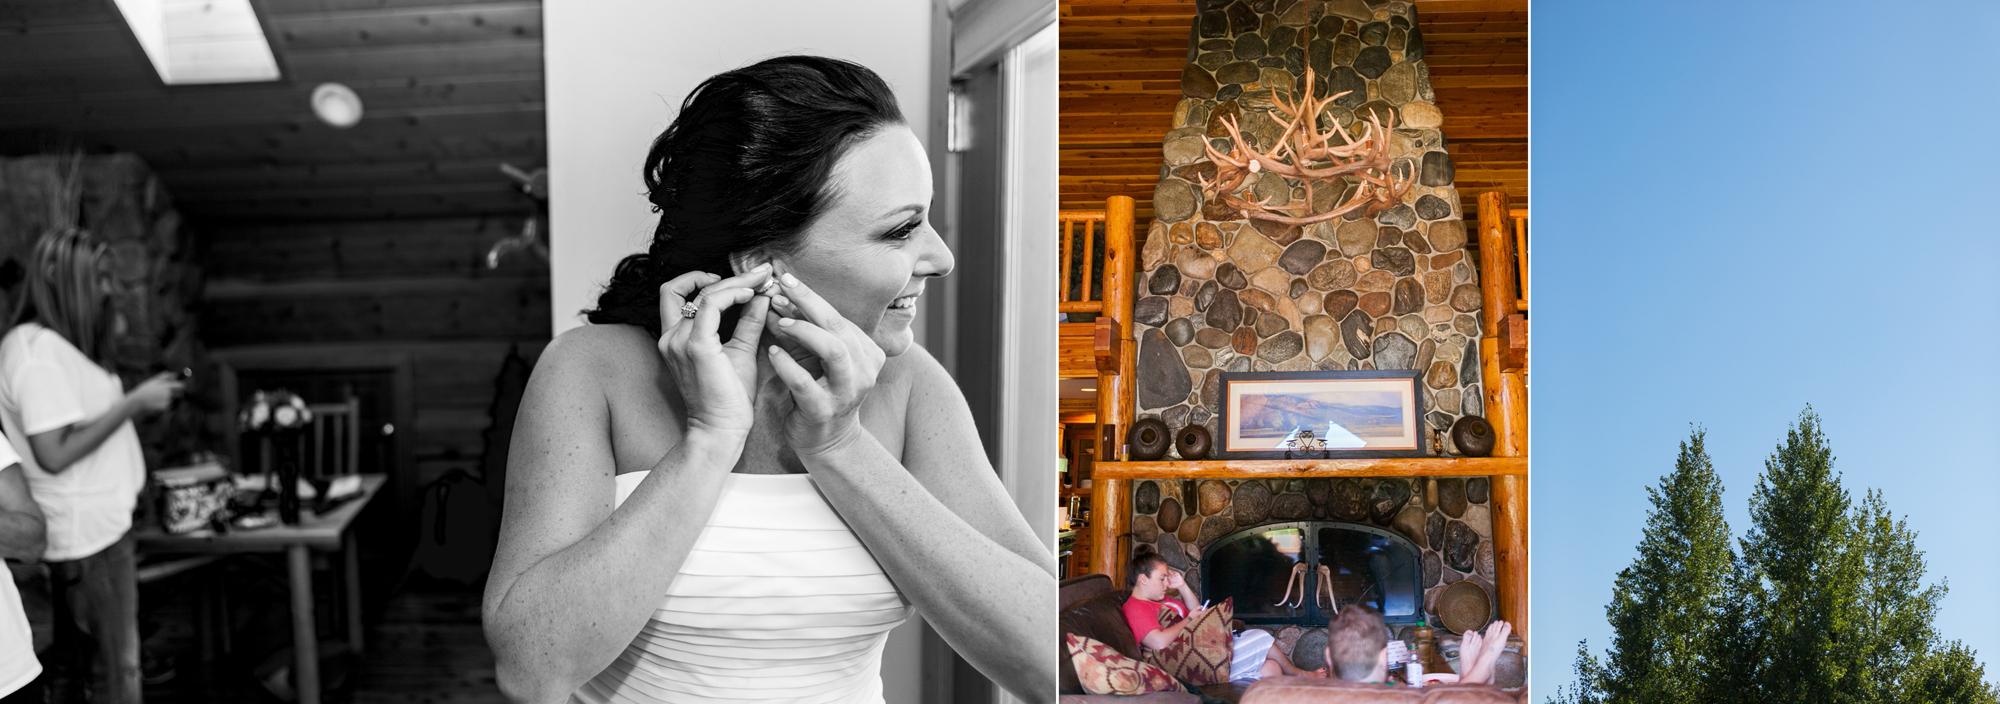 ashley vos photography seattle tacoma area wedding photographer_0801.jpg